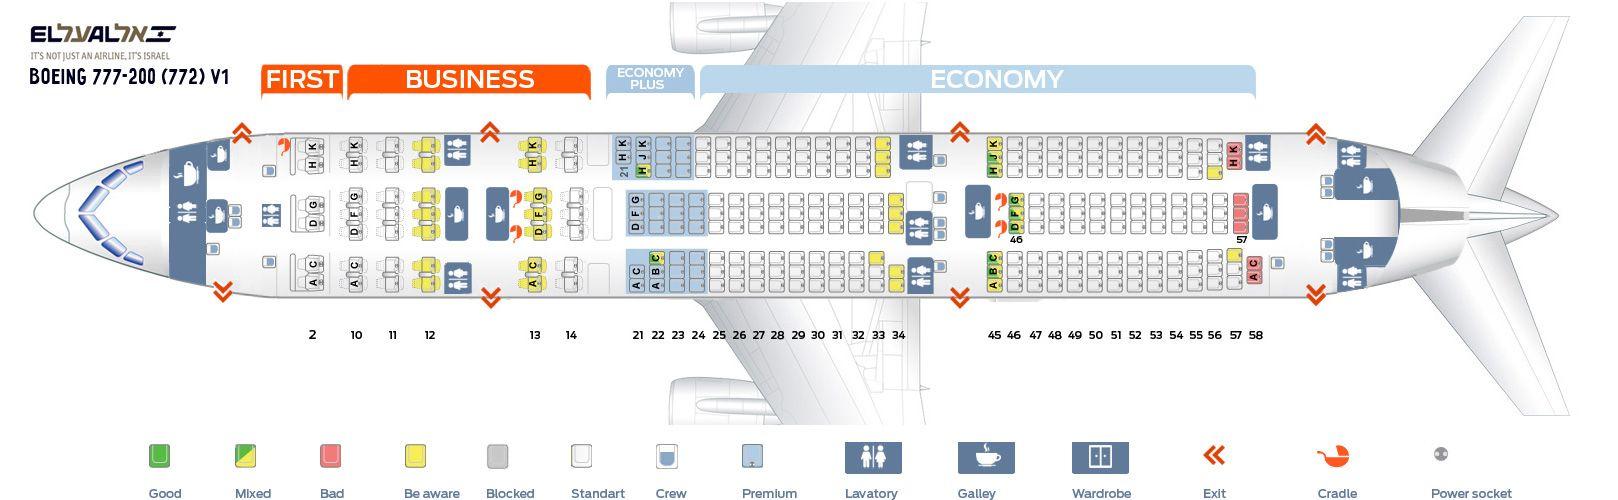 El Al Fleet Boeing 777 200er Details And Pictures